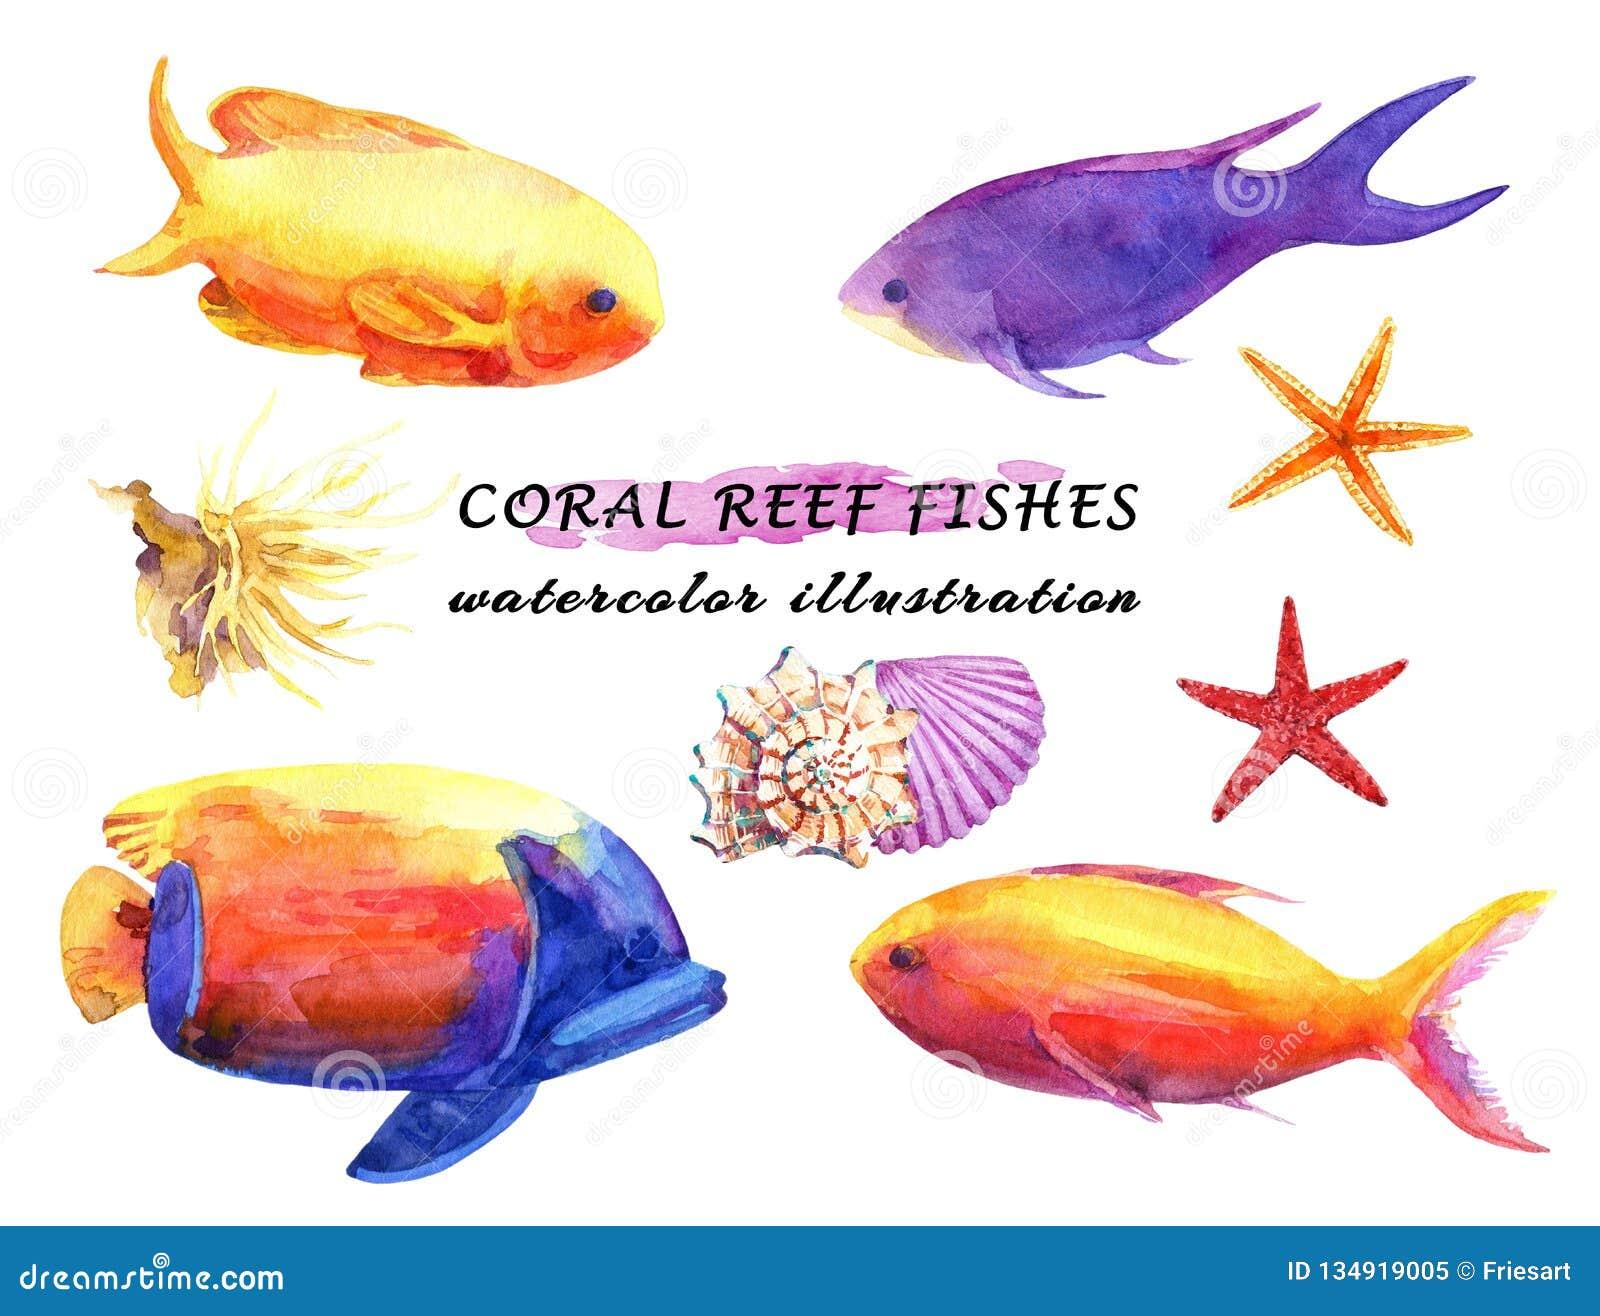 Aquarellsatz bunte Rifffische, weiche Koralle, Starfish und Mollusken